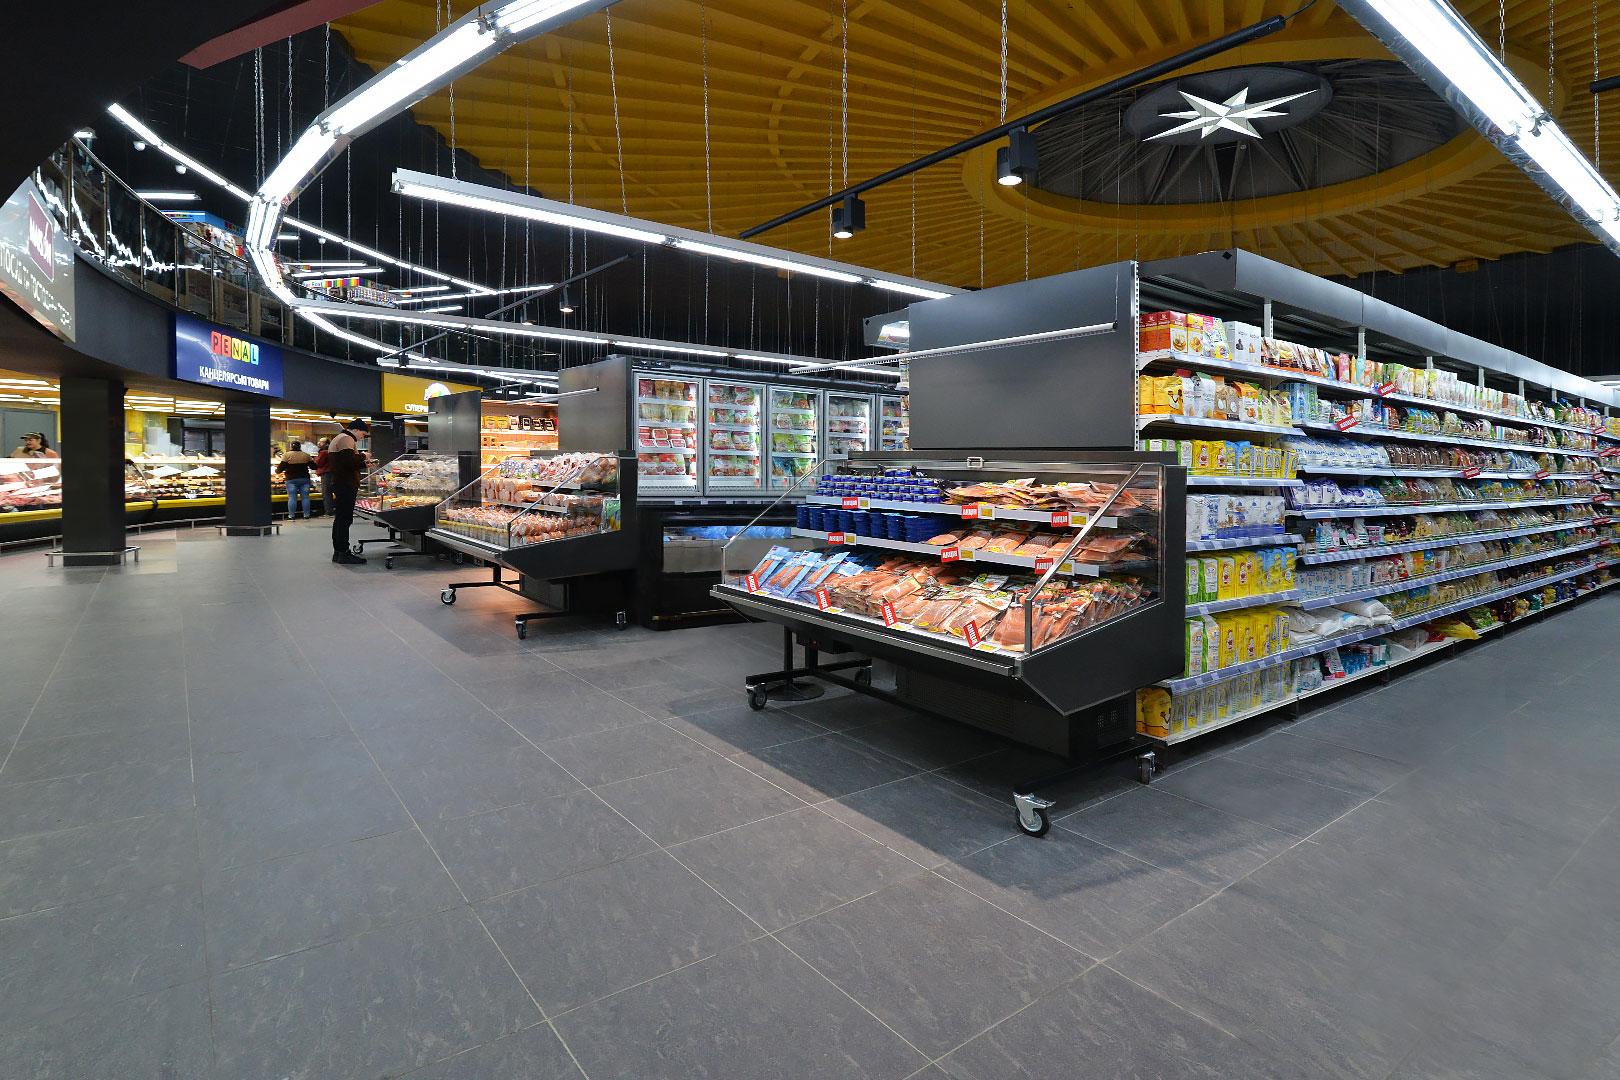 """Промоциональные витрины Missouri promo MC 100 deli self 140-DLA, пристенные витрины Indiana MV 100 MT O 220-DLM в супермаркете """"Рост"""""""